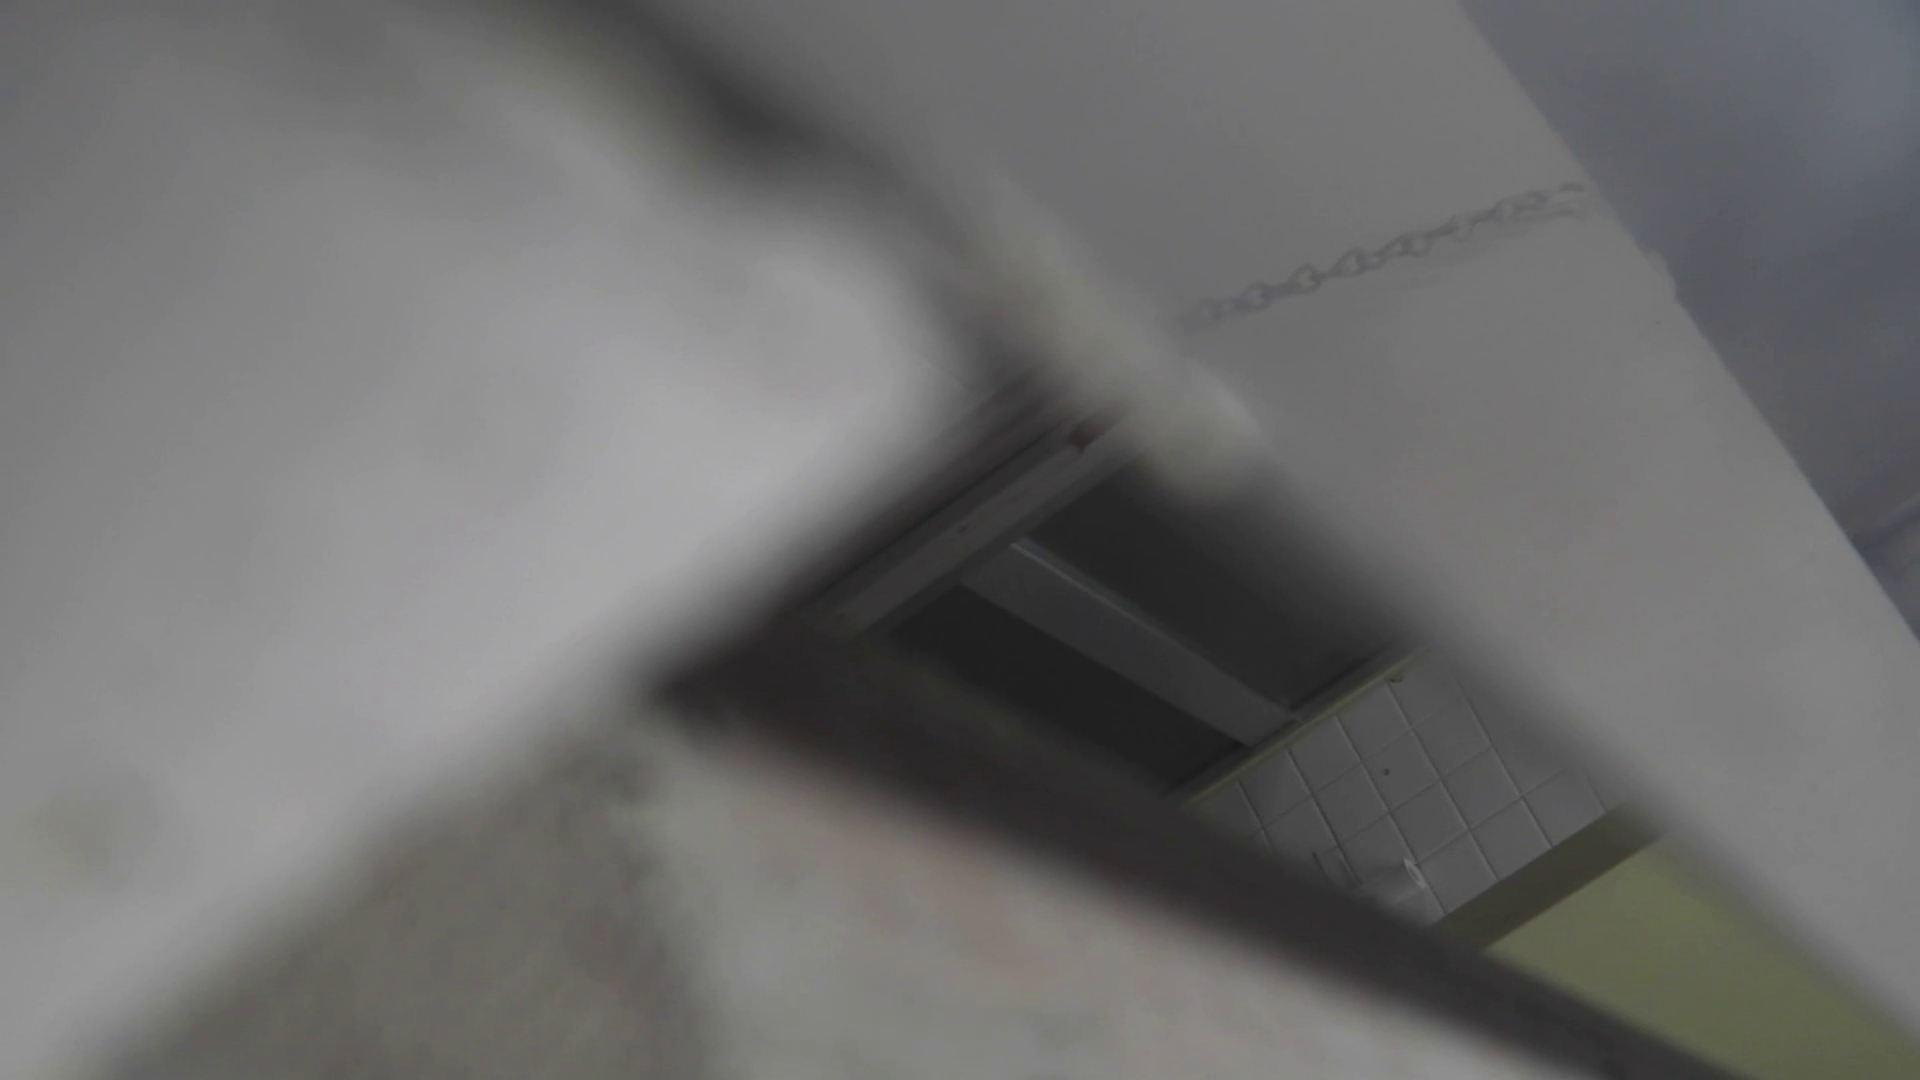 【美しき個室な世界】 vol.018 ピンクのおネエタン 洗面所  48画像 18